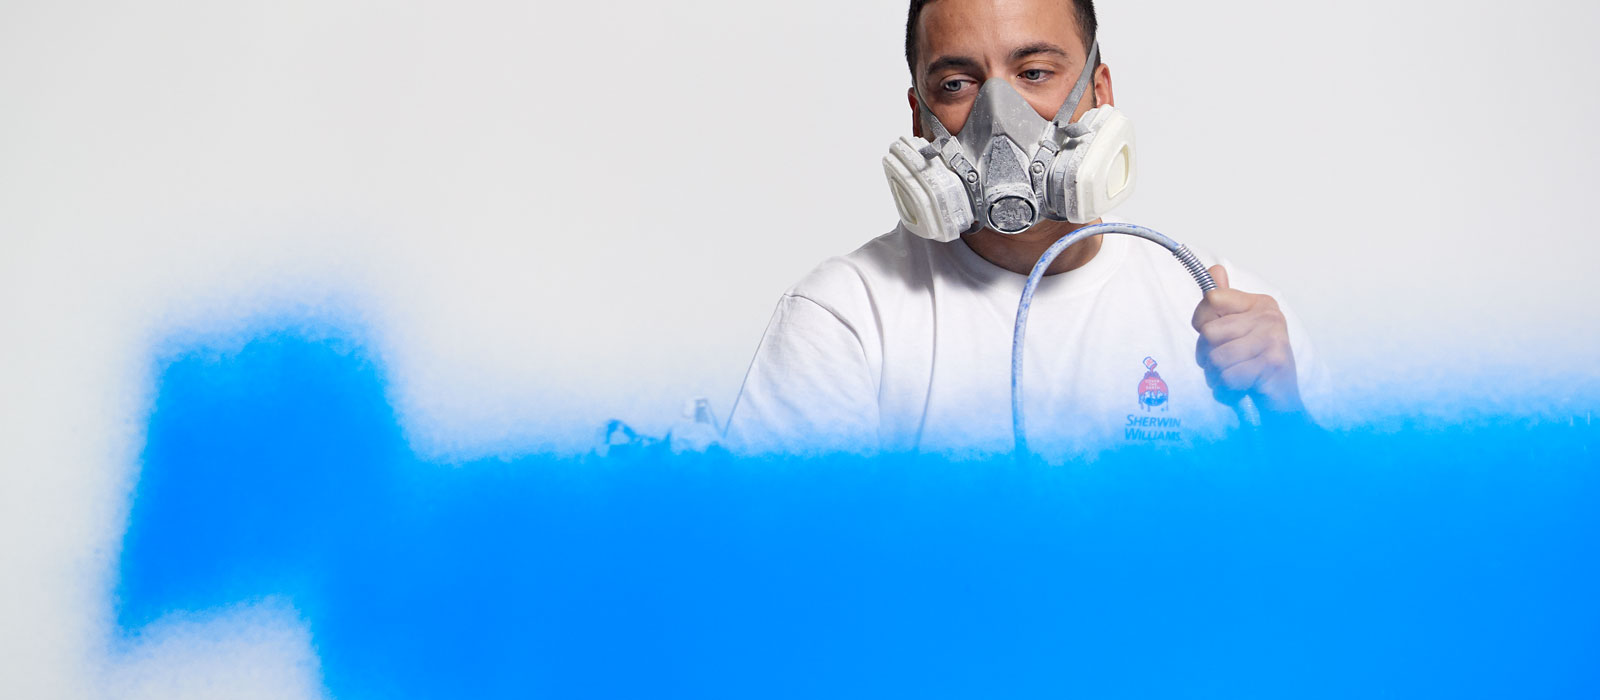 El pintor profesional Rob rocía una pared con pintura azul